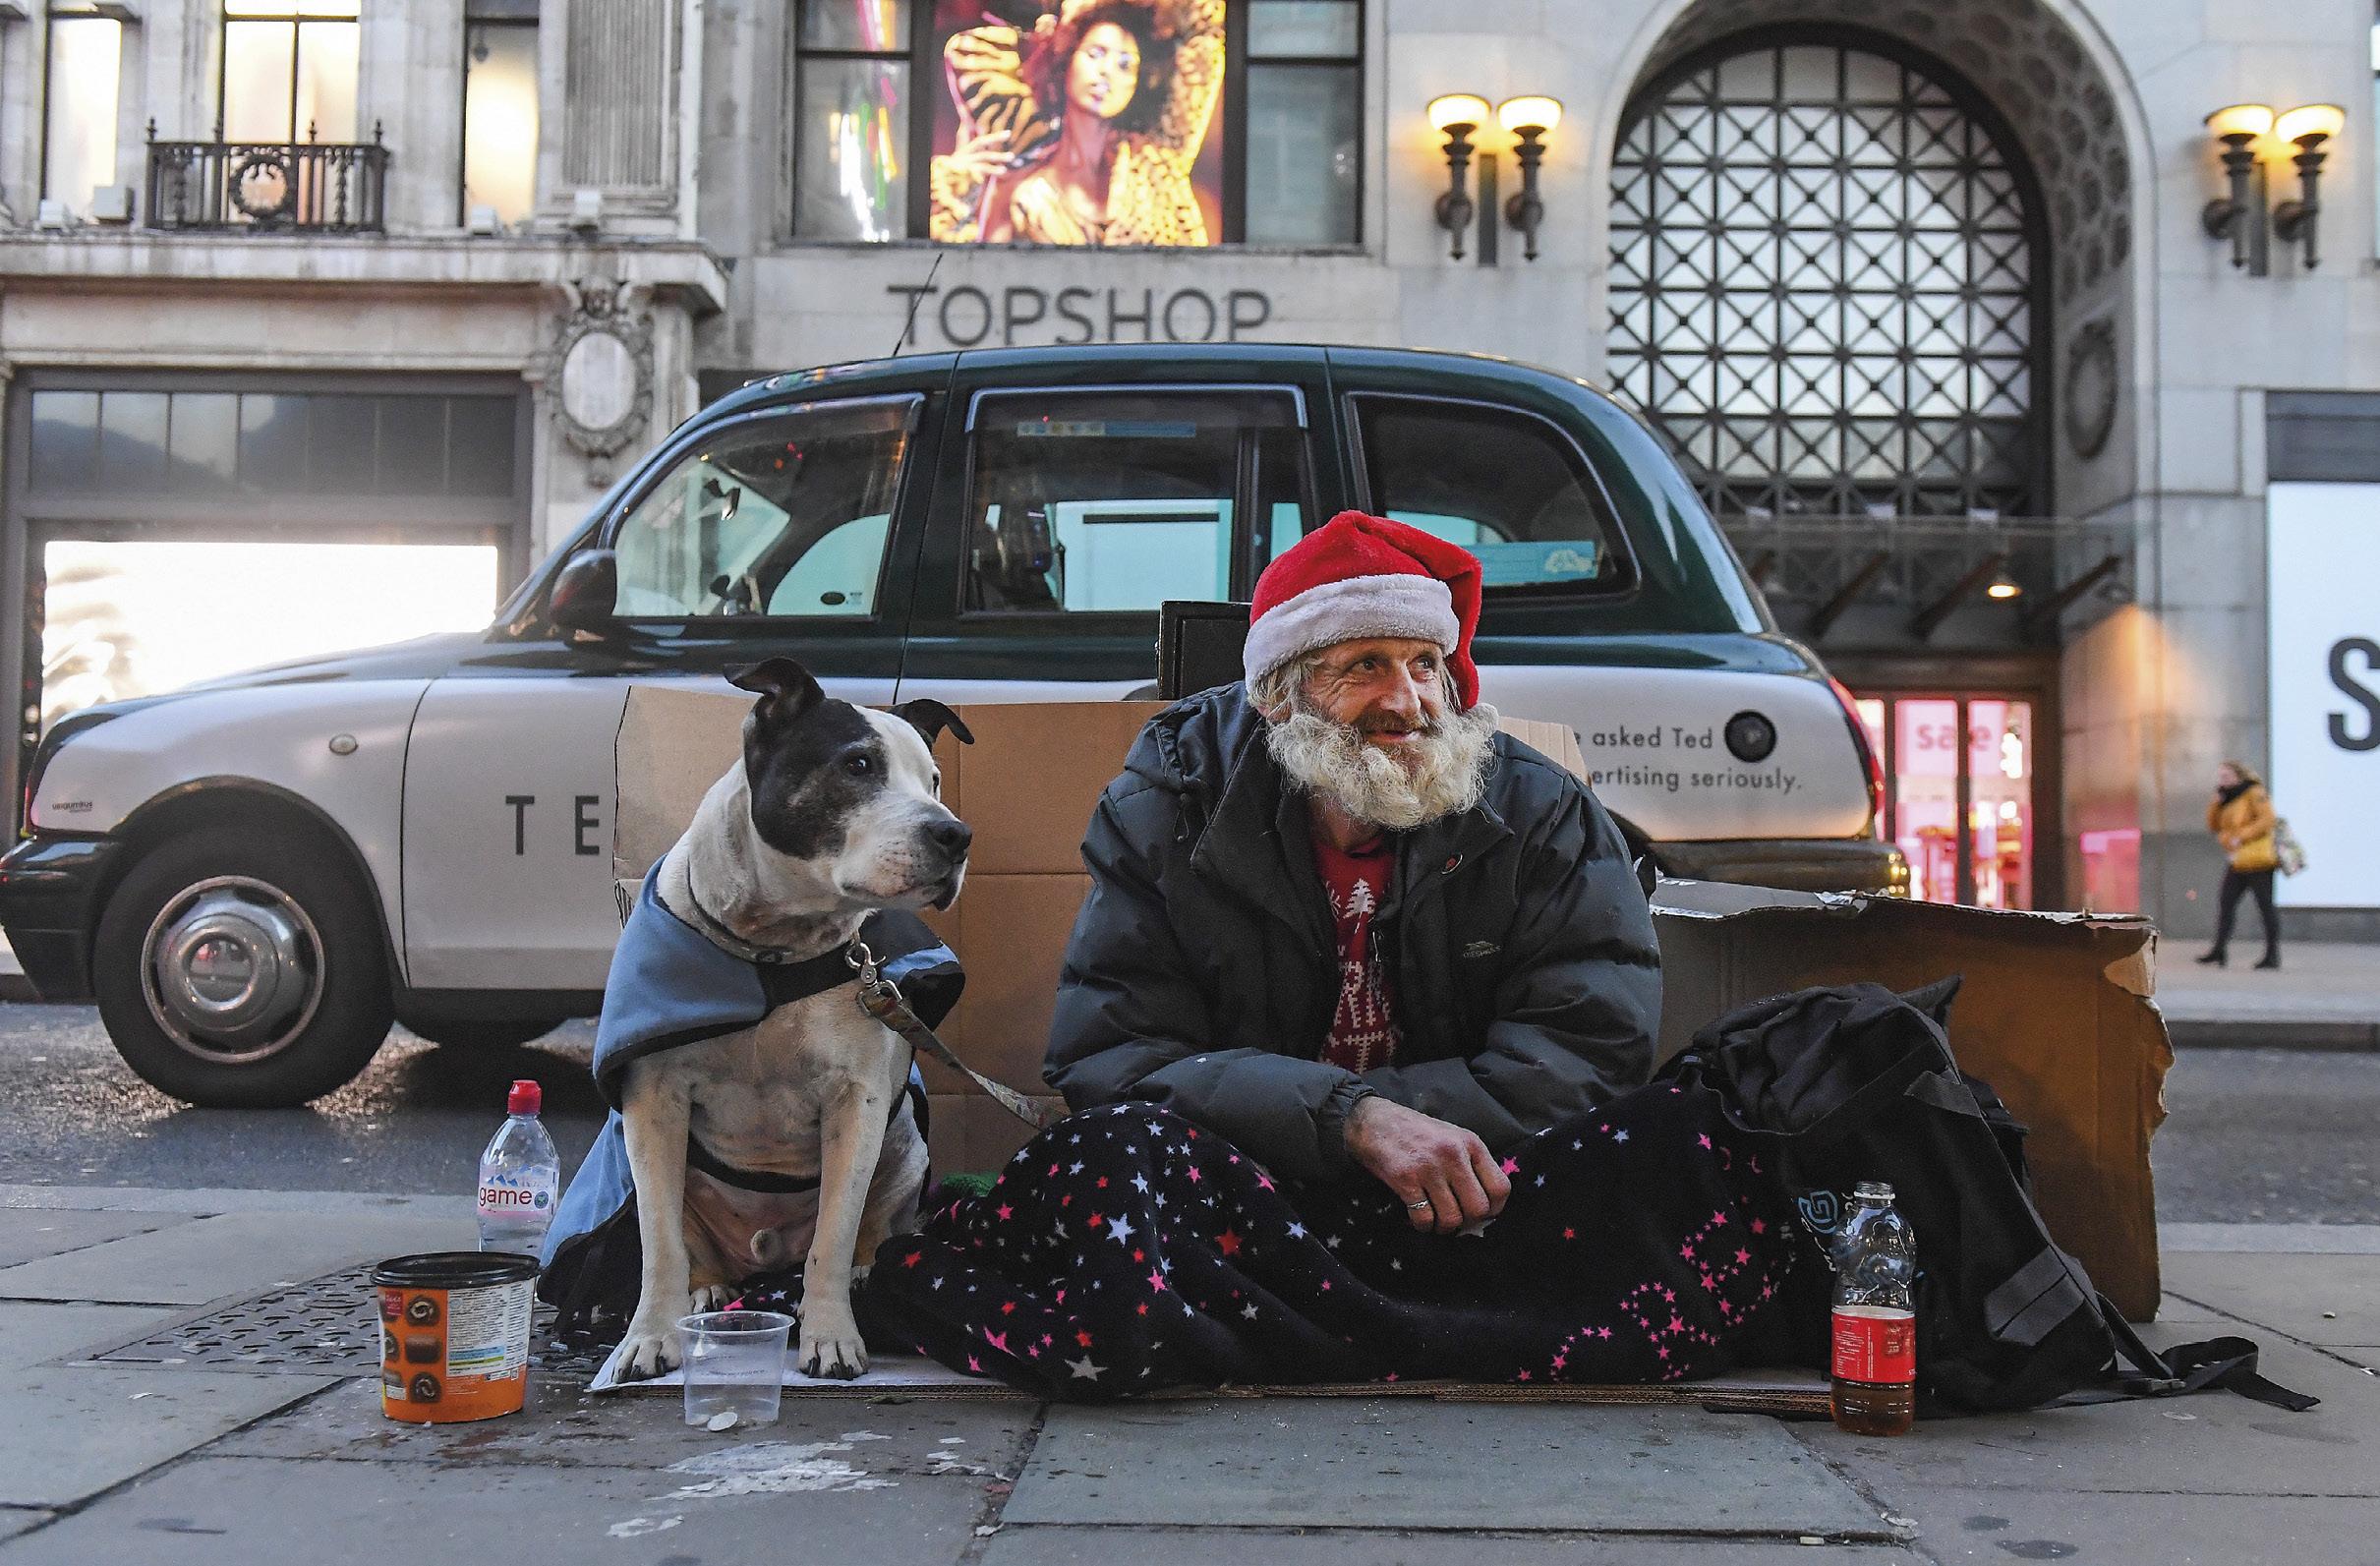 """Francisco, 56 anos, e o seu Terrier, Milo, há 8 anos na rua, depois de ter perdido o filho e de ter brigado com a companheira. """"Merdas acontecem na vida"""". Francisco faz parte dos ceca de 25 mil sem abrigo, no Reino Unido. EPA/ANDY RAIN"""